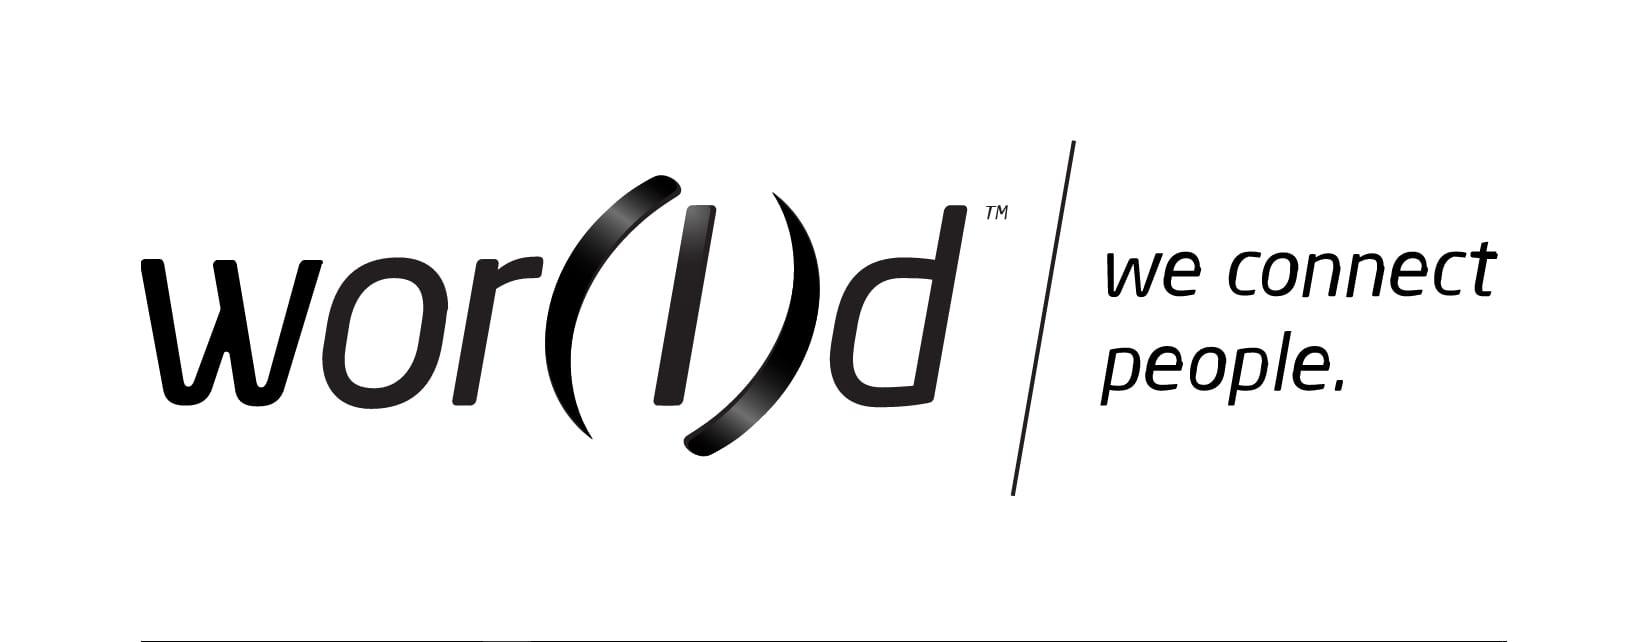 บริษัท เวิลด์ โกลบอล เน็ตเวิร์ค (เอเชีย) ประเทศไทย